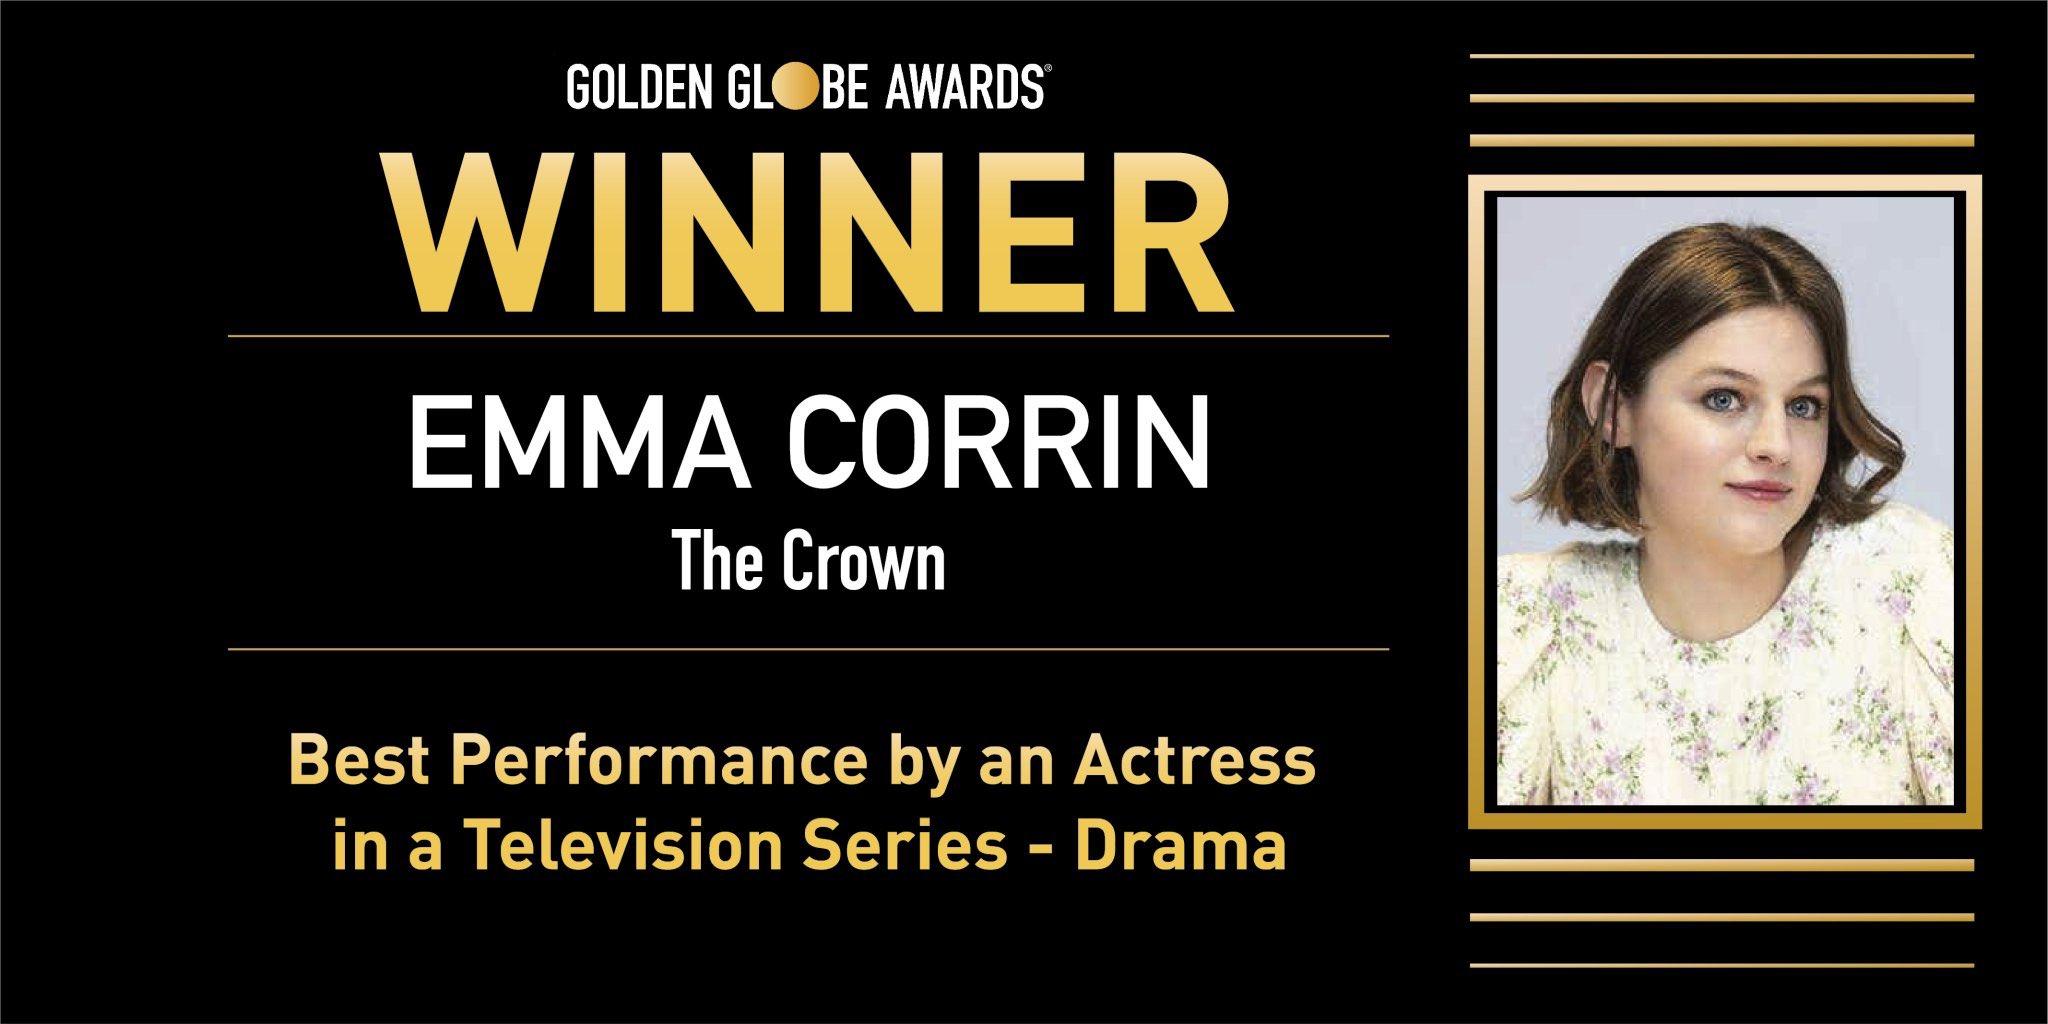 'The Crown' arrasa y 'Mank' decepciona en unos Globos de Oro marcados por la pandemia